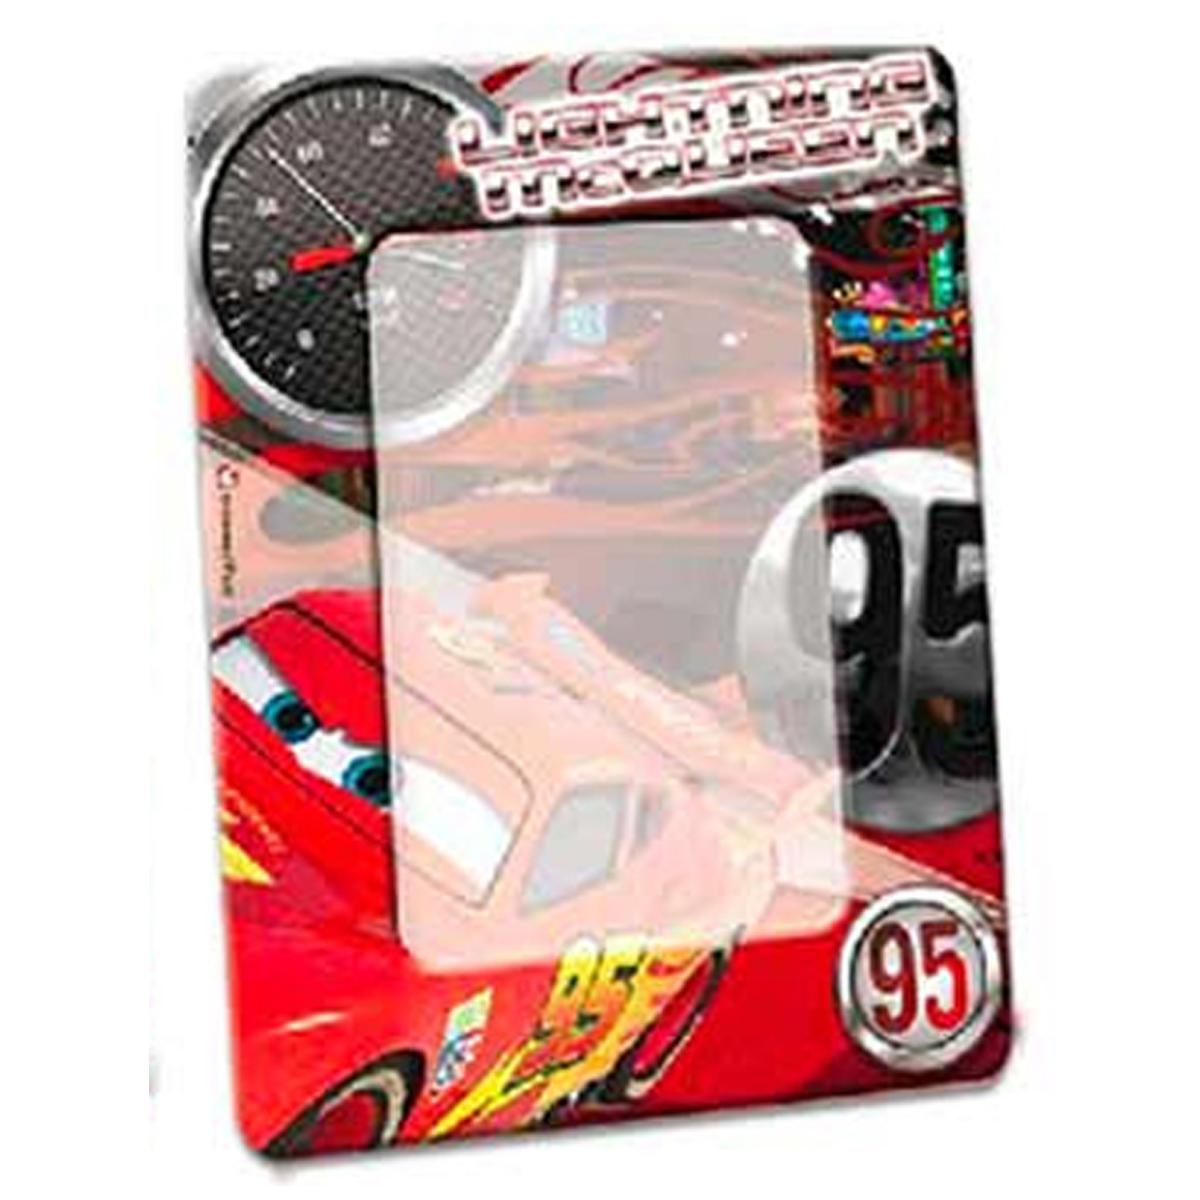 Cadre Photo métal \'Cars\' rouge noir - 19x15 cm, photo 13x9 cm - [R3060]